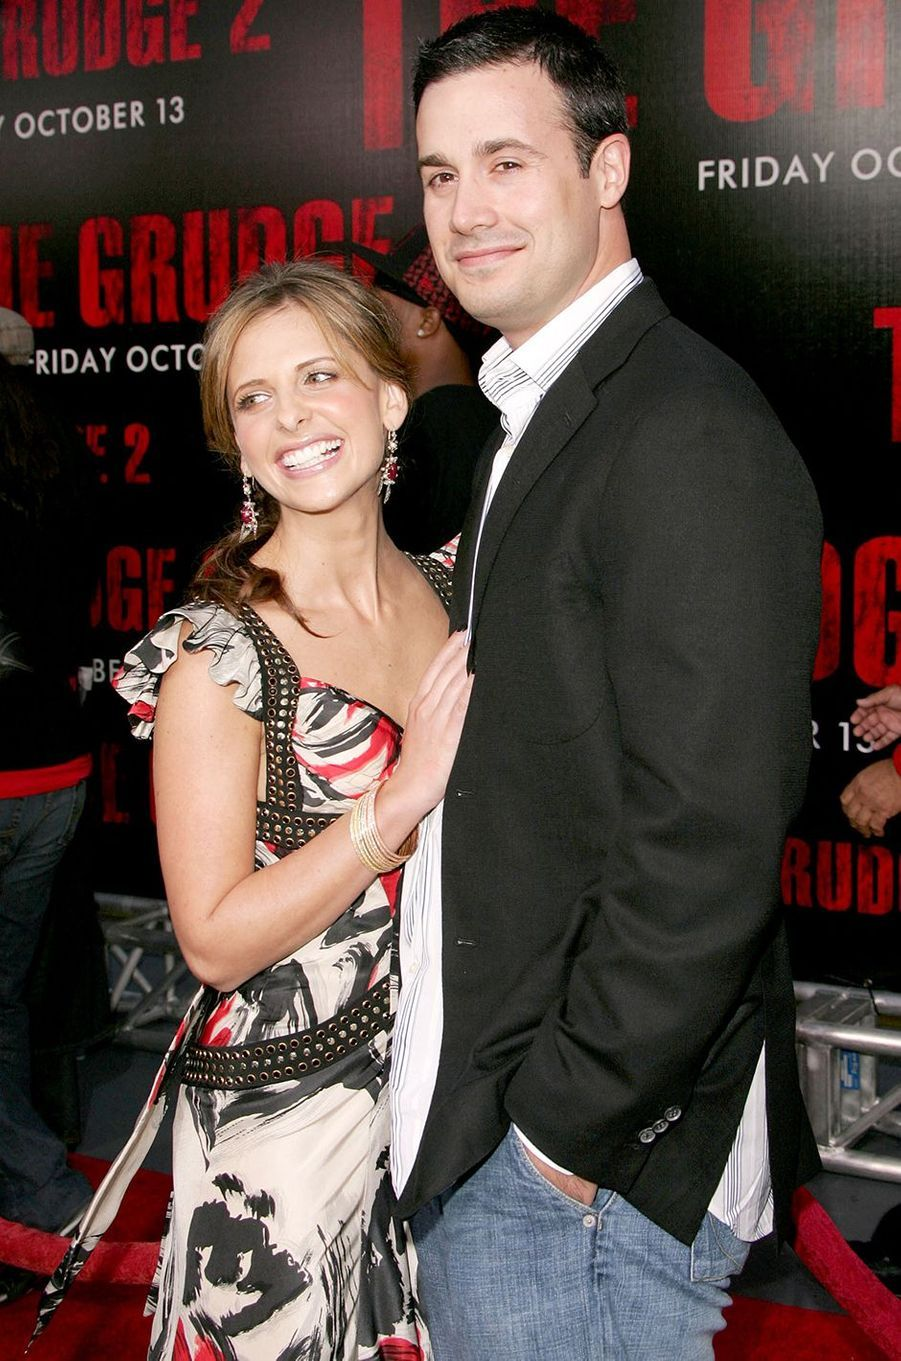 Sarah Michelle Gellar et Freddie Prinze Jr. à la première du film «The Grudge 2» à Buena Park en octobre 2006